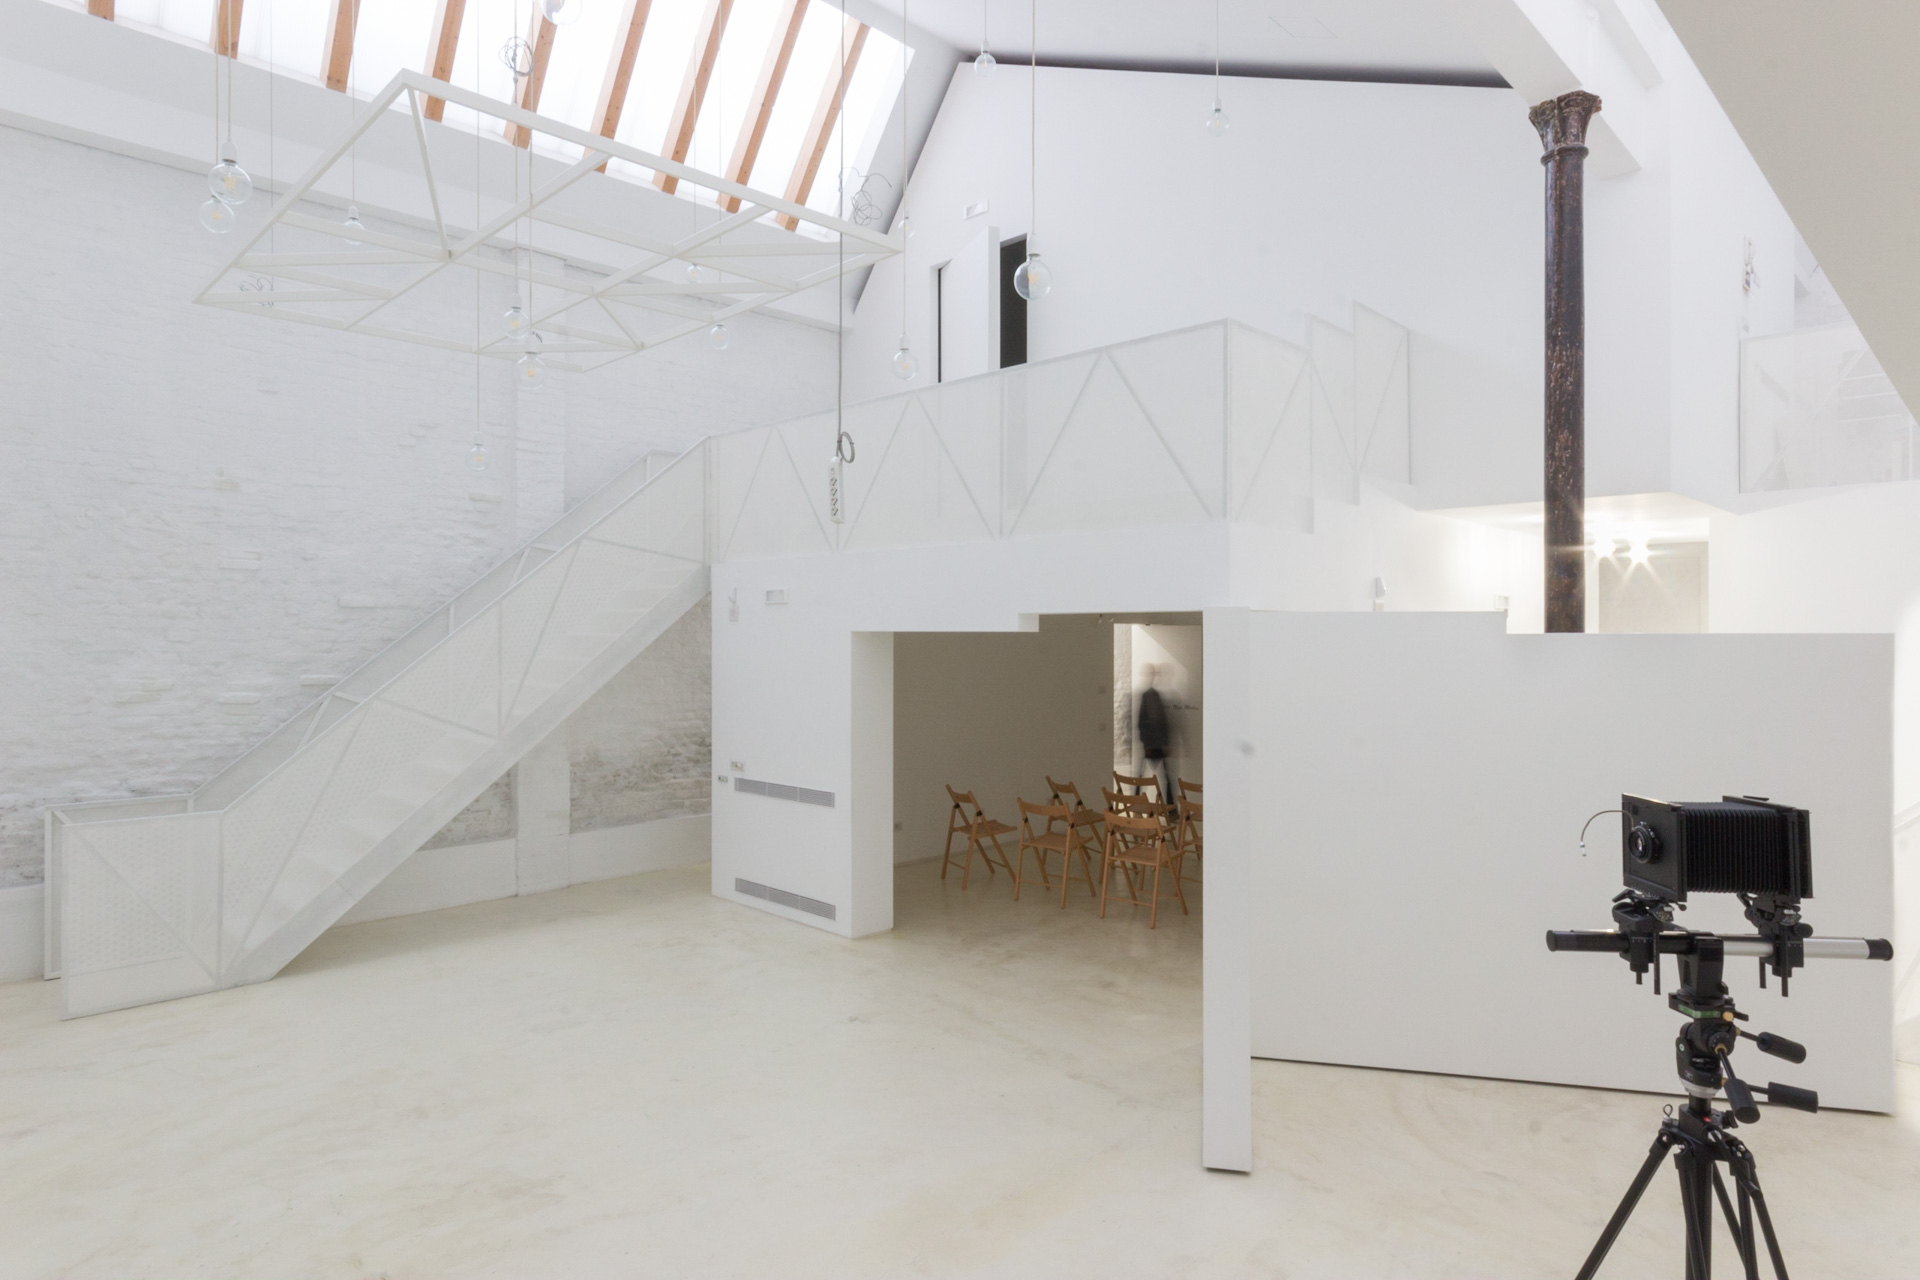 Sala multifunzione e area shooting con struttura sospesa per appendere foto o pannelli